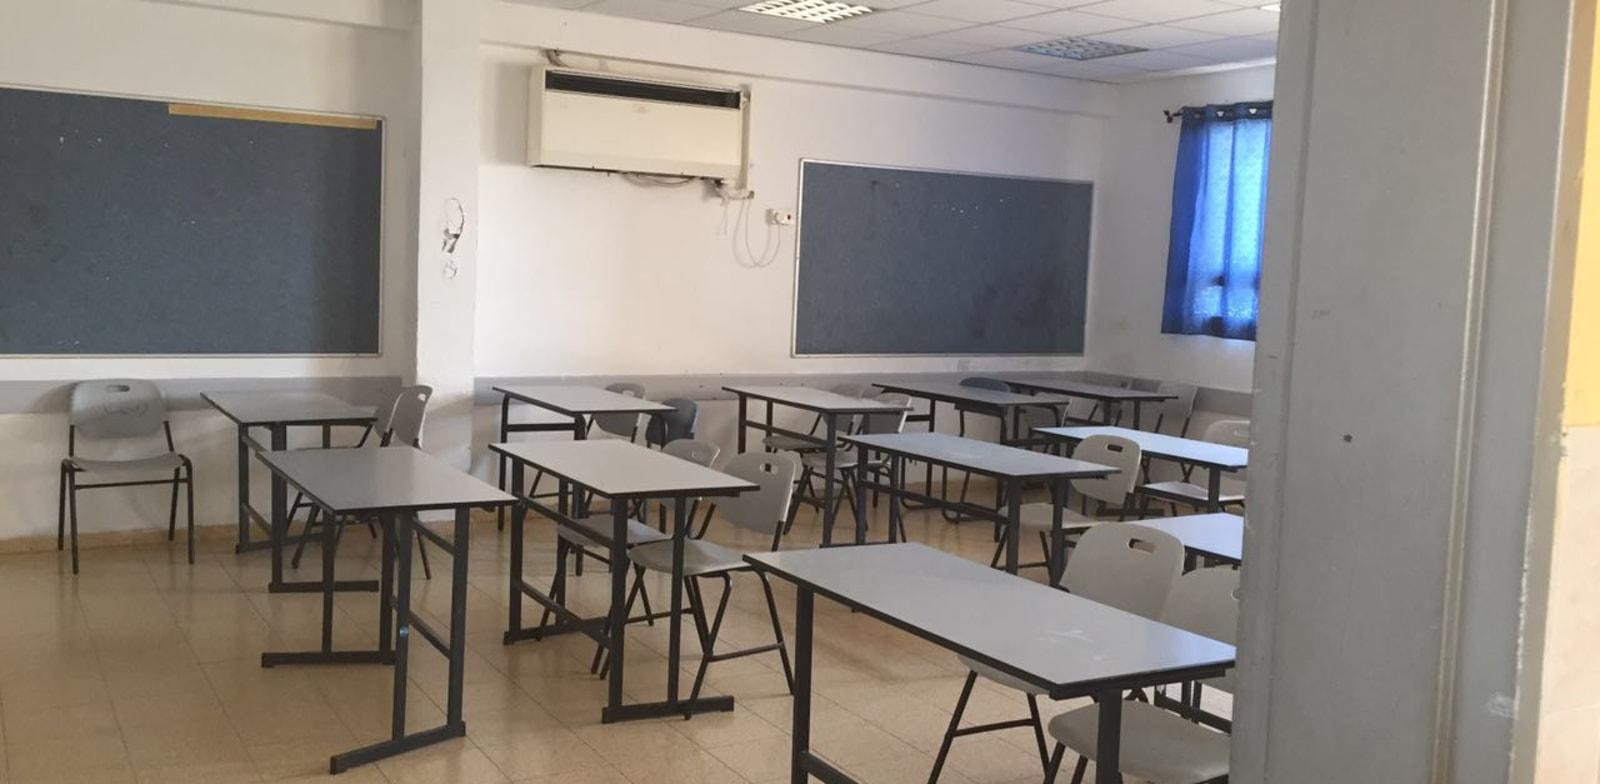 בית הספר למדעים בטירה שובת , כיתות ריקות , כיתה ריקה / צילום: רשת עמל